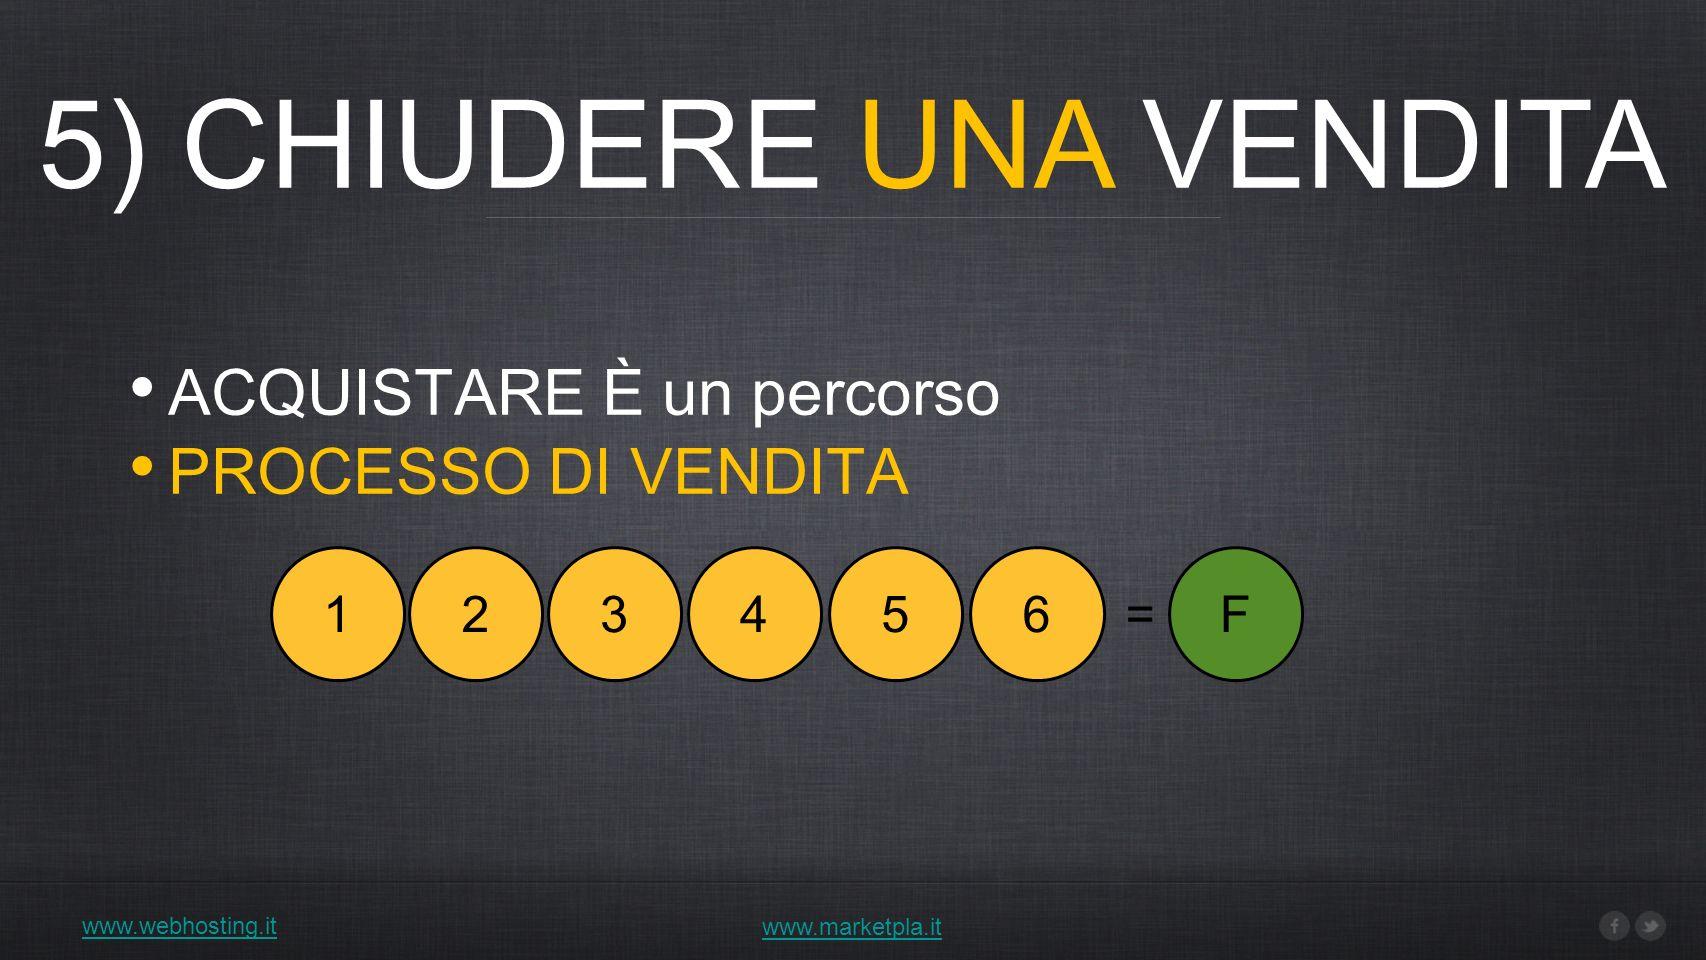 5) CHIUDERE UNA VENDITA www.webhosting.it www.marketpla.it ACQUISTARE È un percorso PROCESSO DI VENDITA 123456F=